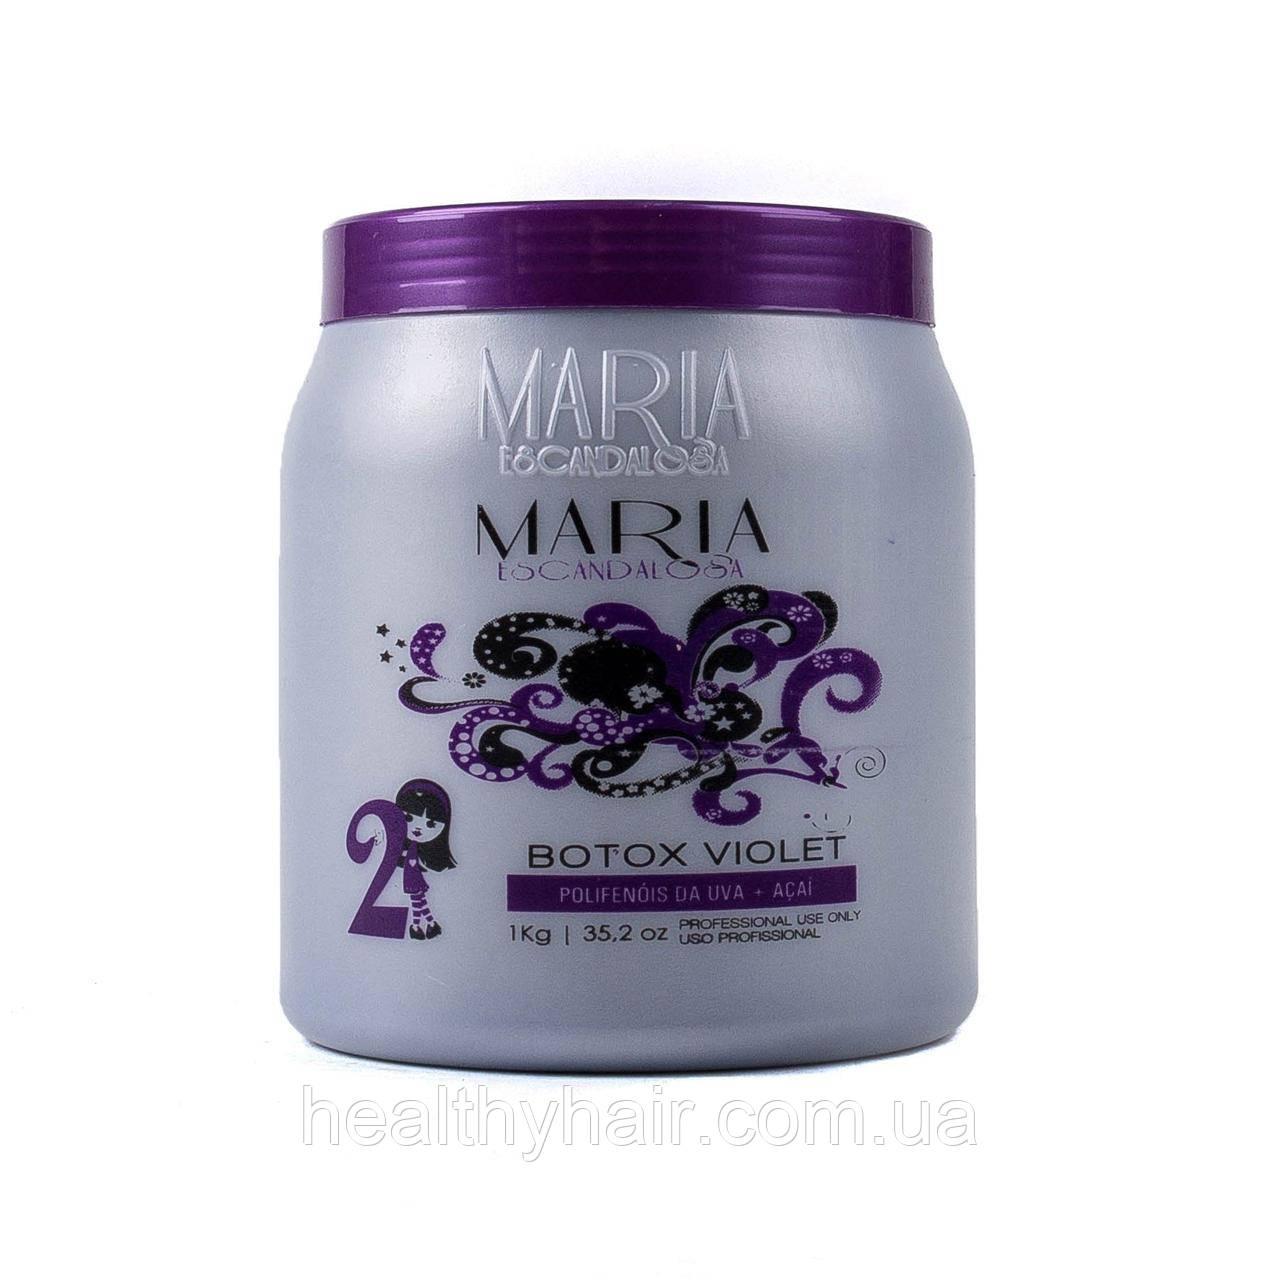 Maria Escandalosa Btx Violet ботокс для волос. 1 кг